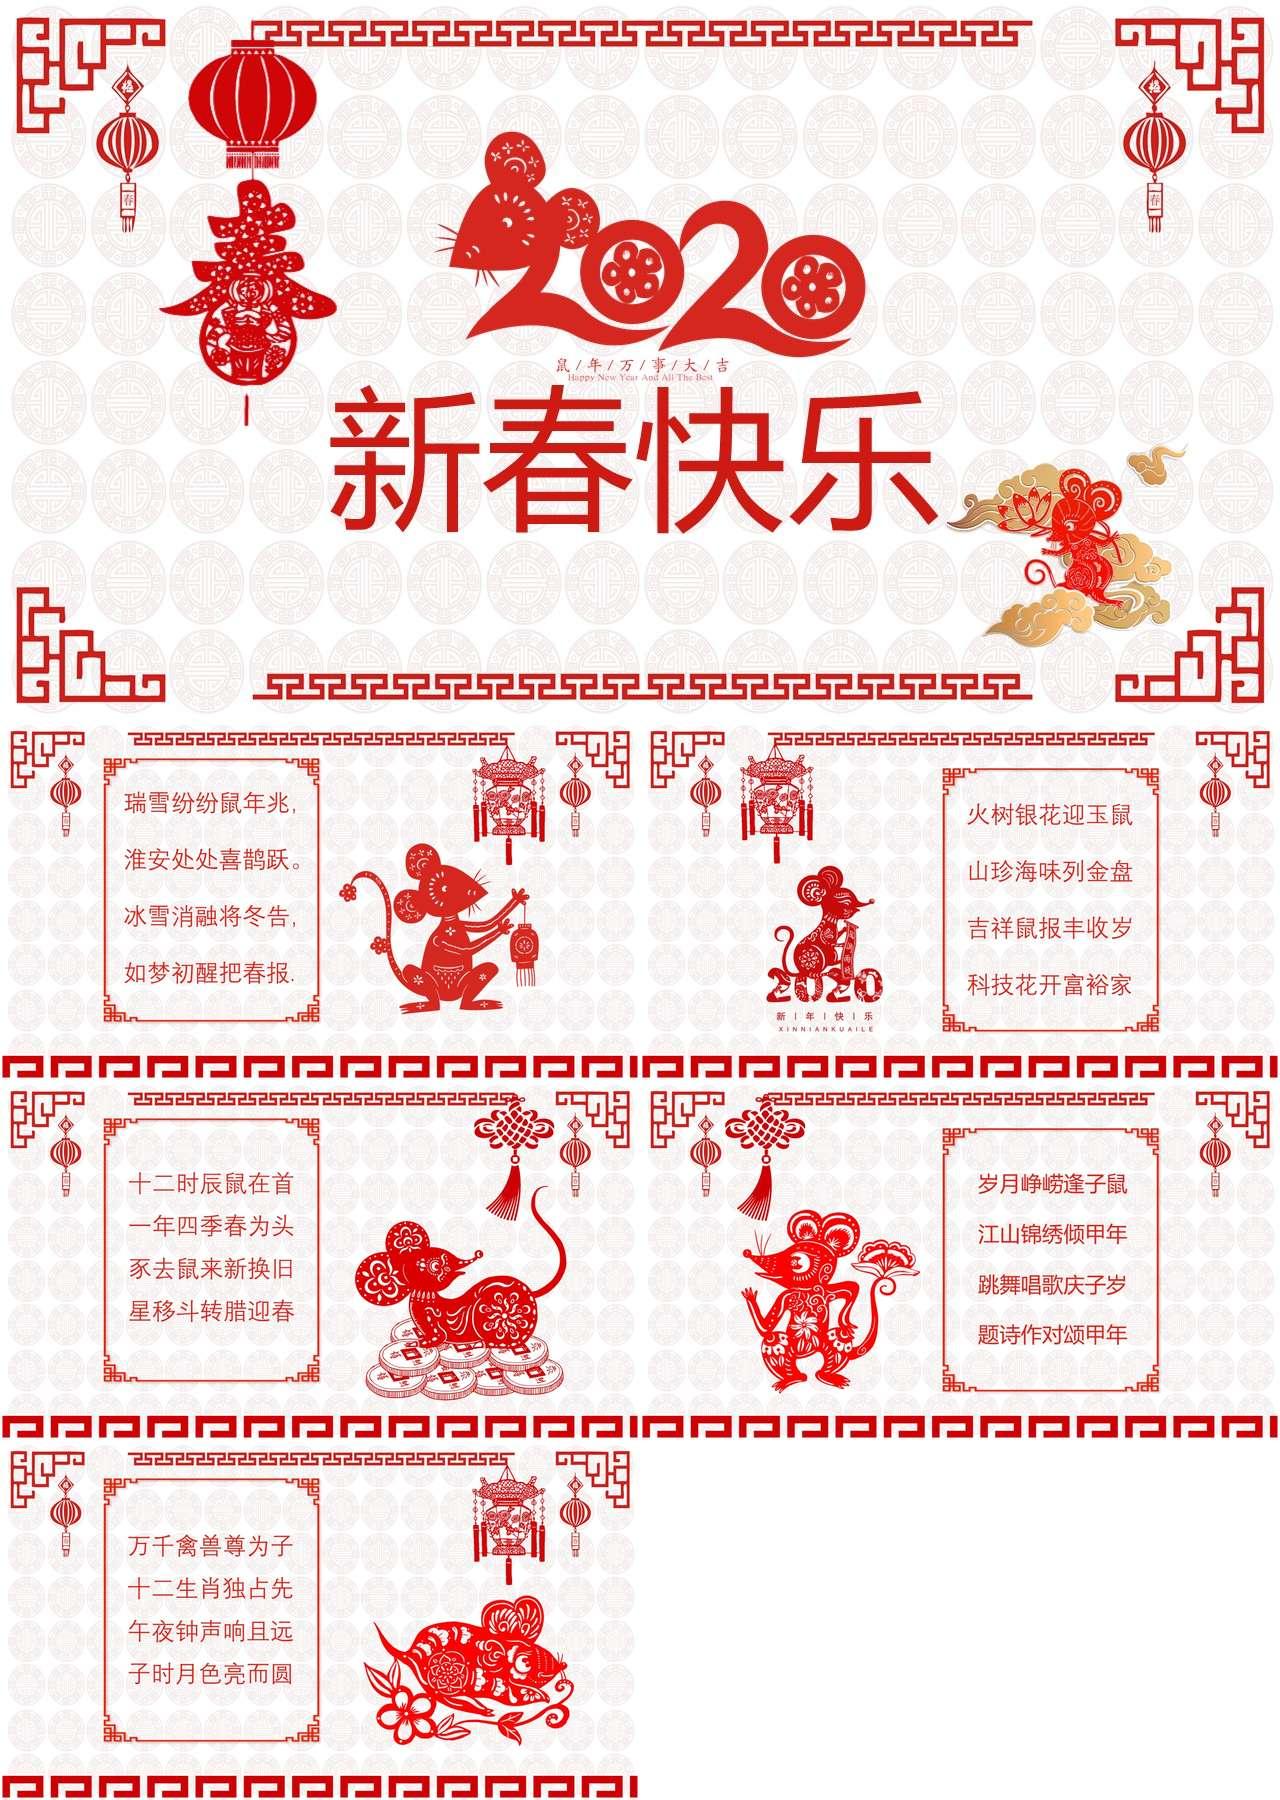 红色剪纸中国风新春快乐鼠年贺卡PPT模板插图1